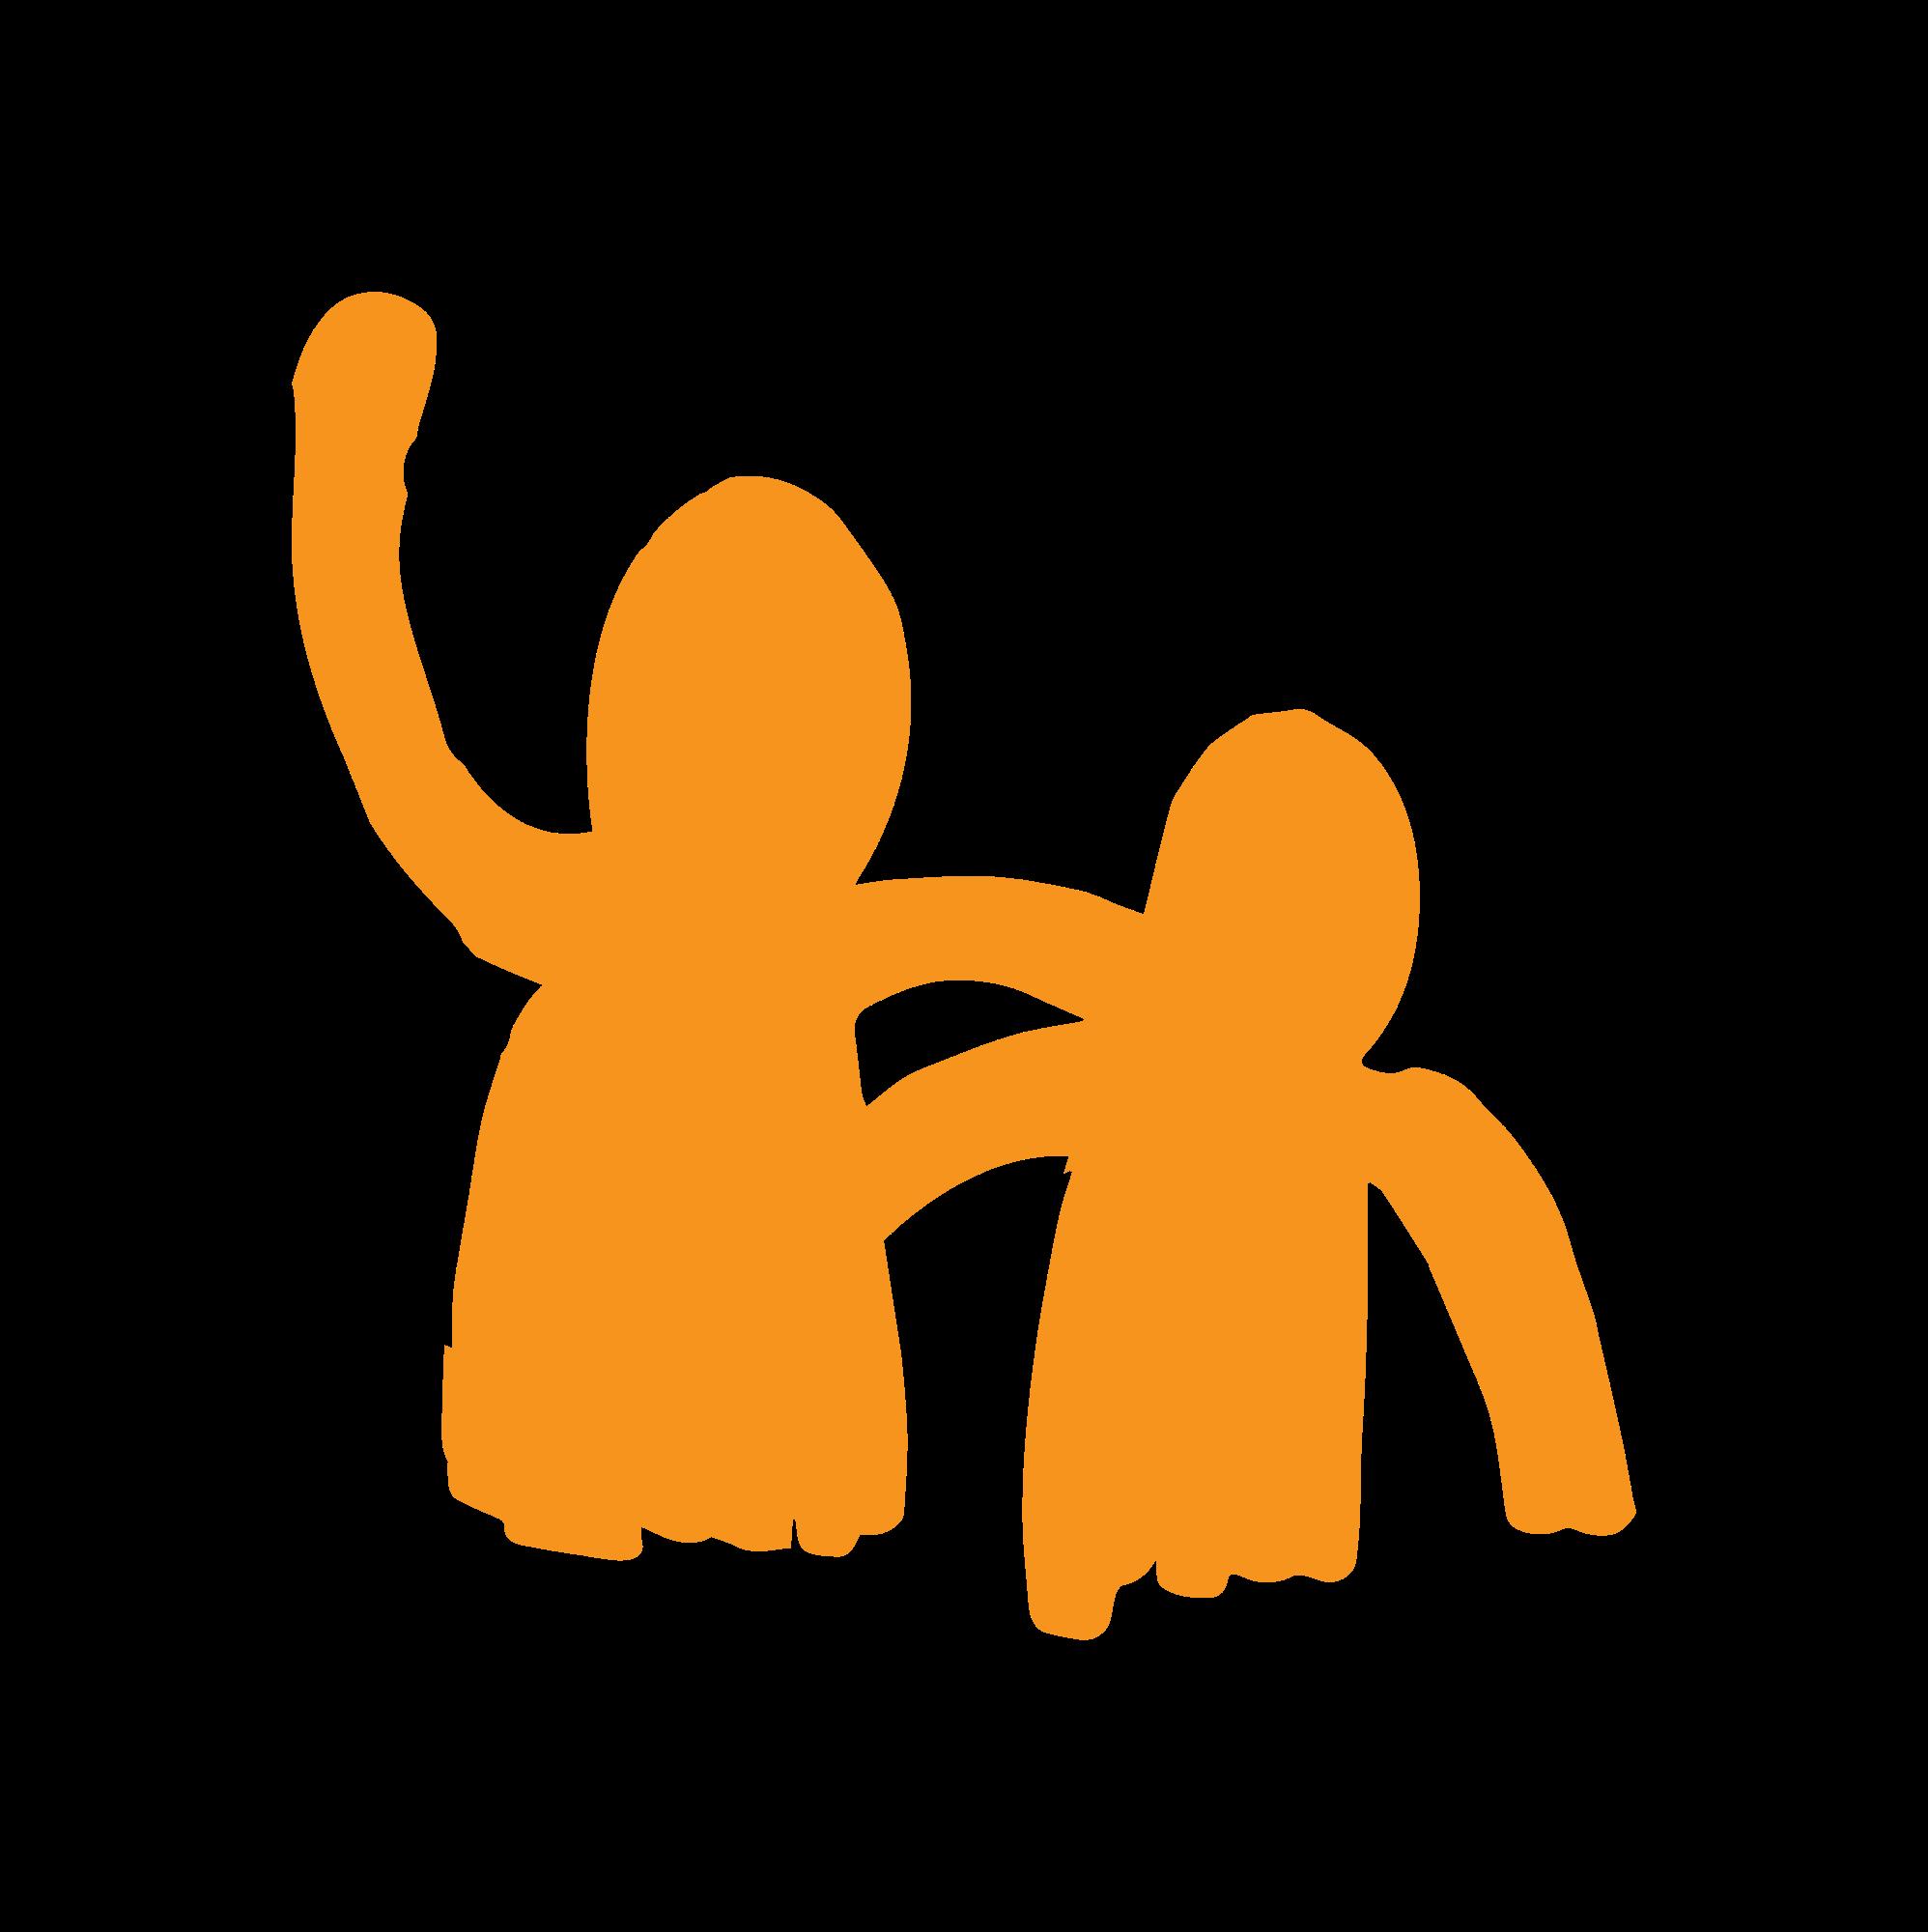 logo (56).png